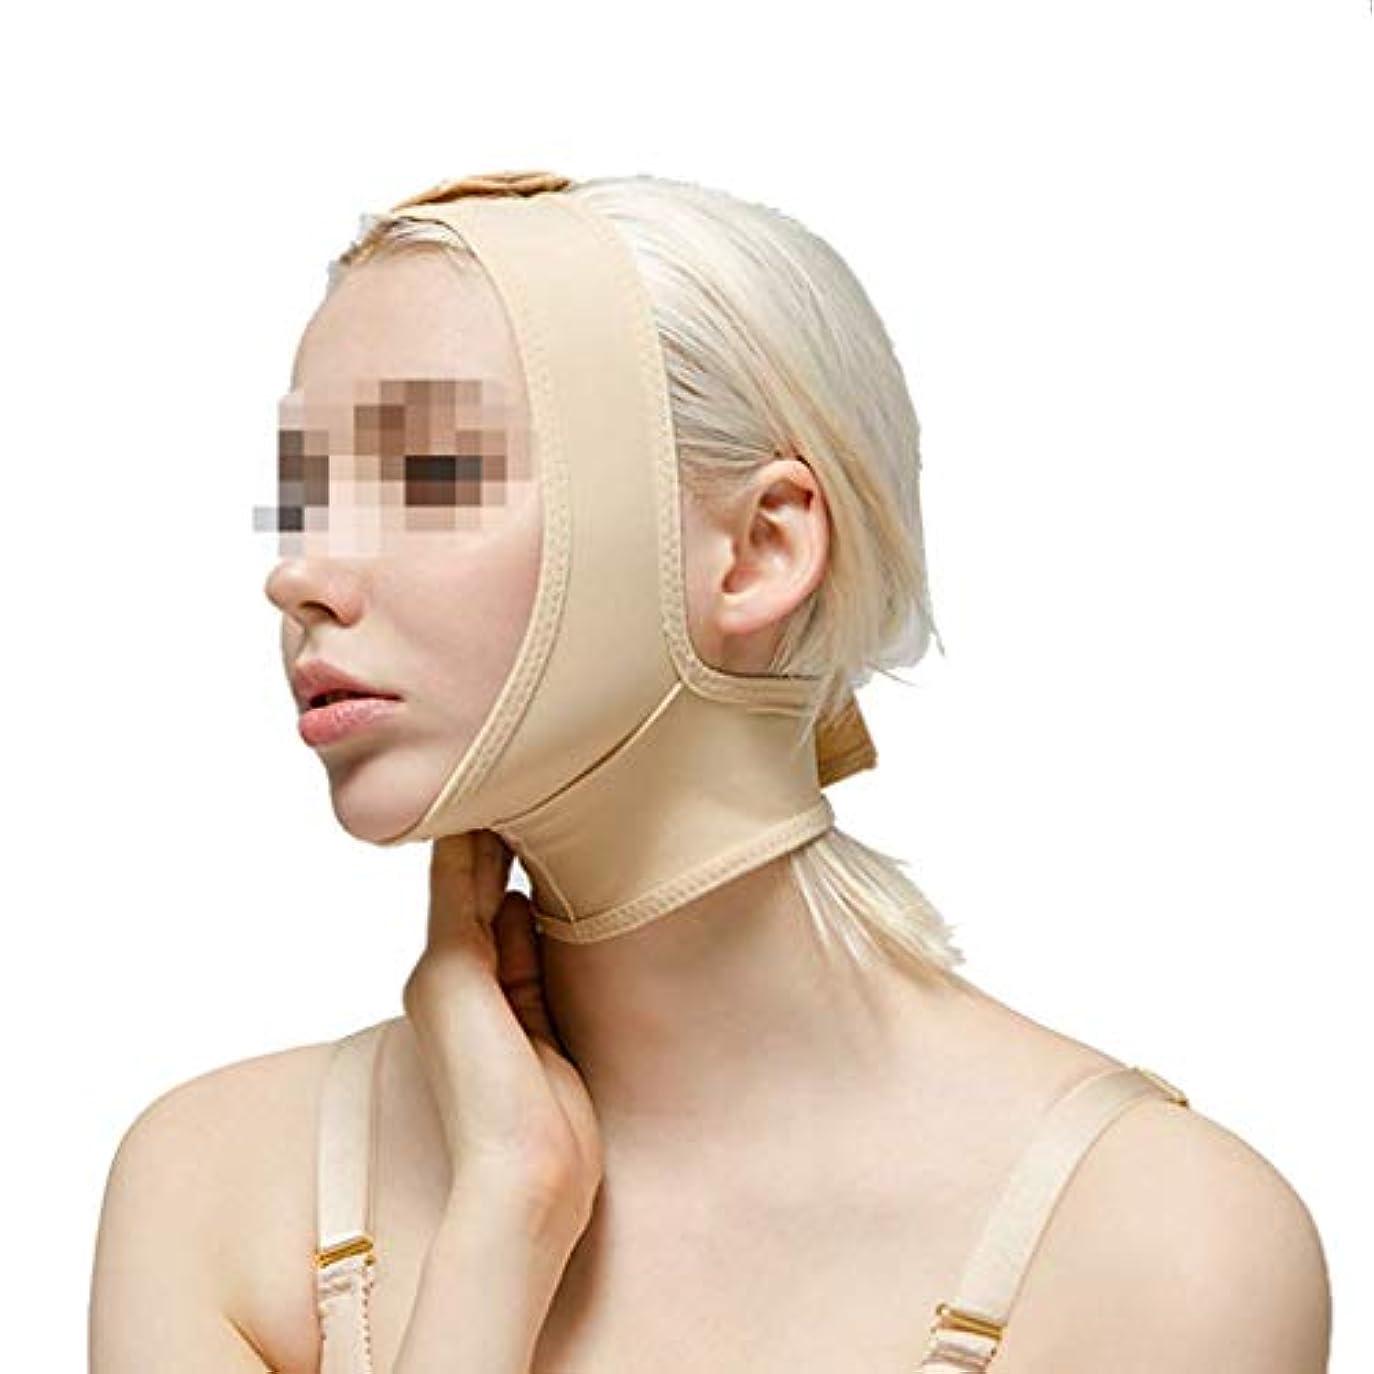 ドレインボールこっそり術後伸縮性スリーブ、下顎束フェイスバンデージフェイシャルビームダブルチンシンフェイスマスクマルチサイズオプション(サイズ:L),XL